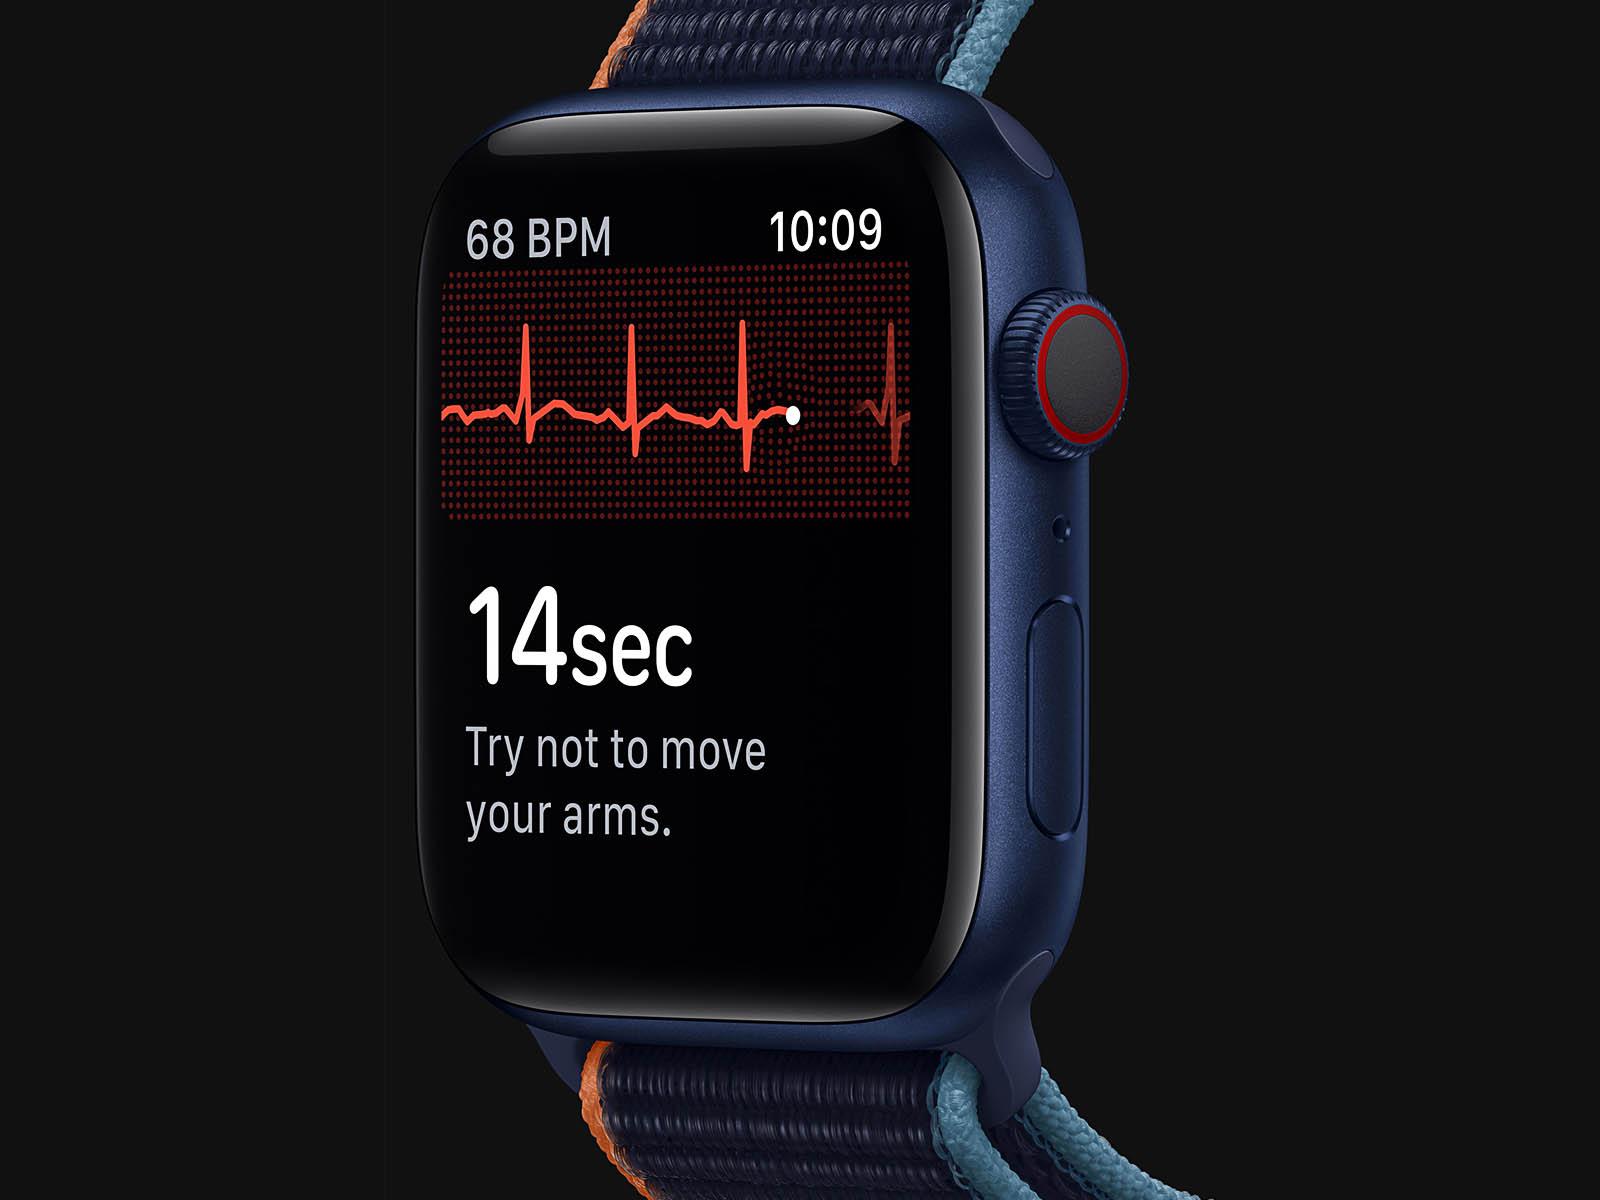 apple-watch-series-6-6.jpg